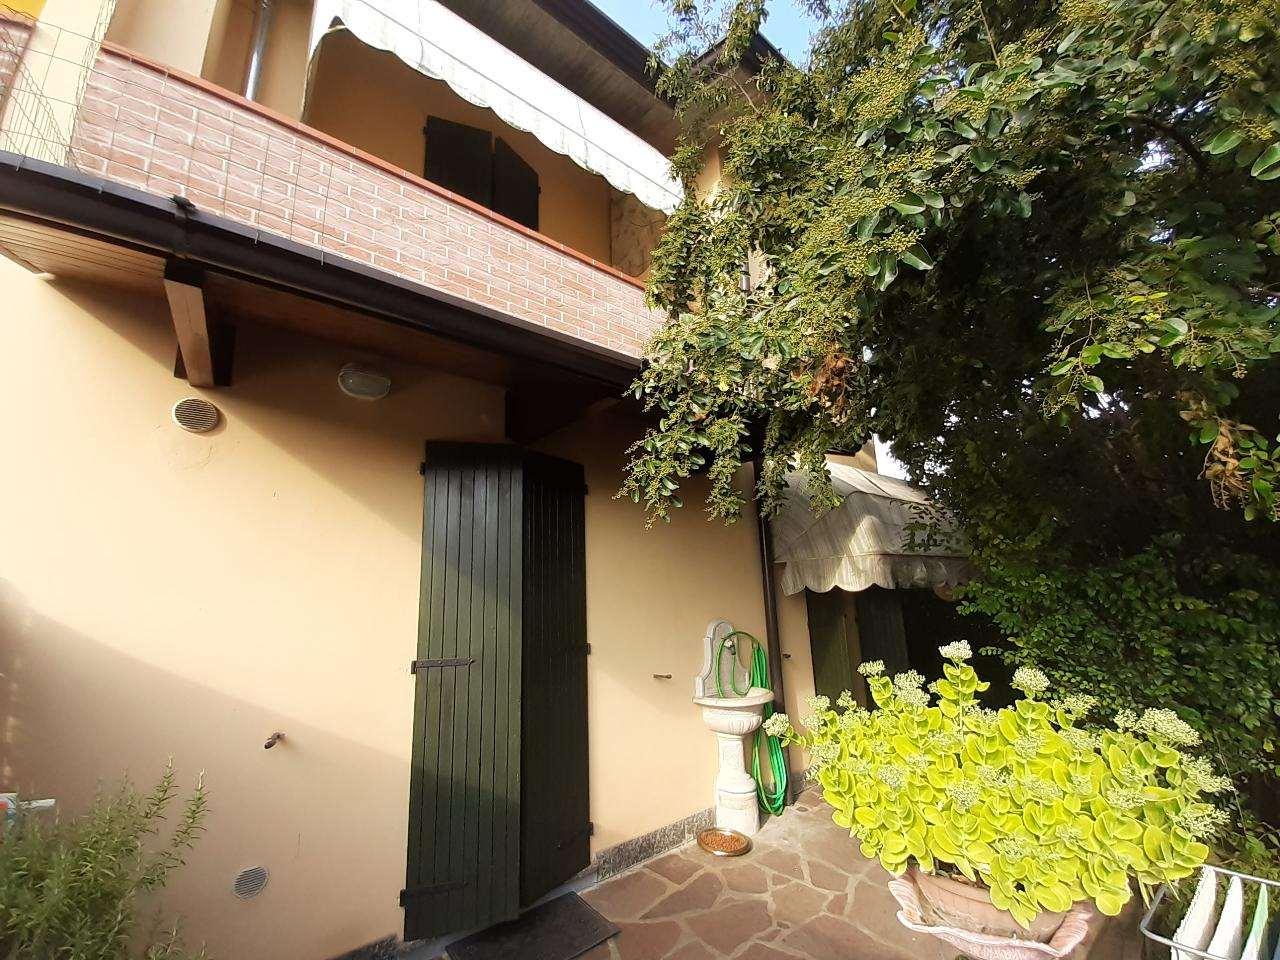 Villa a Schiera in vendita a Pieve San Giacomo, 3 locali, prezzo € 127.000 | PortaleAgenzieImmobiliari.it